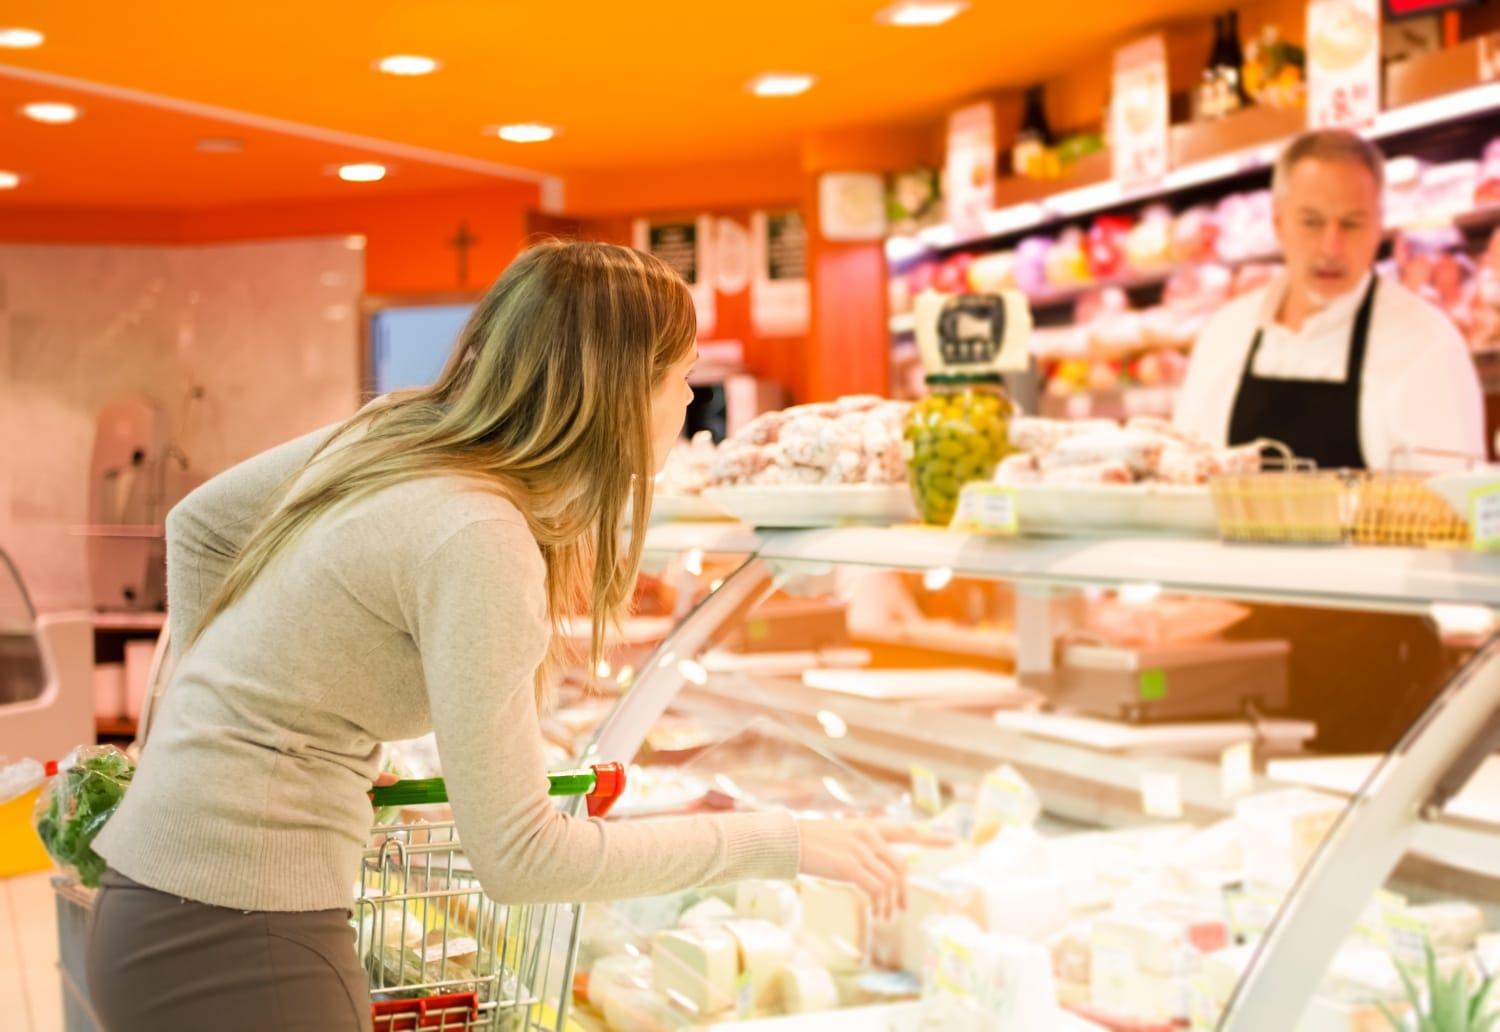 Tippek a sajtokhoz: fogyasztás, vásárlás, tárolás